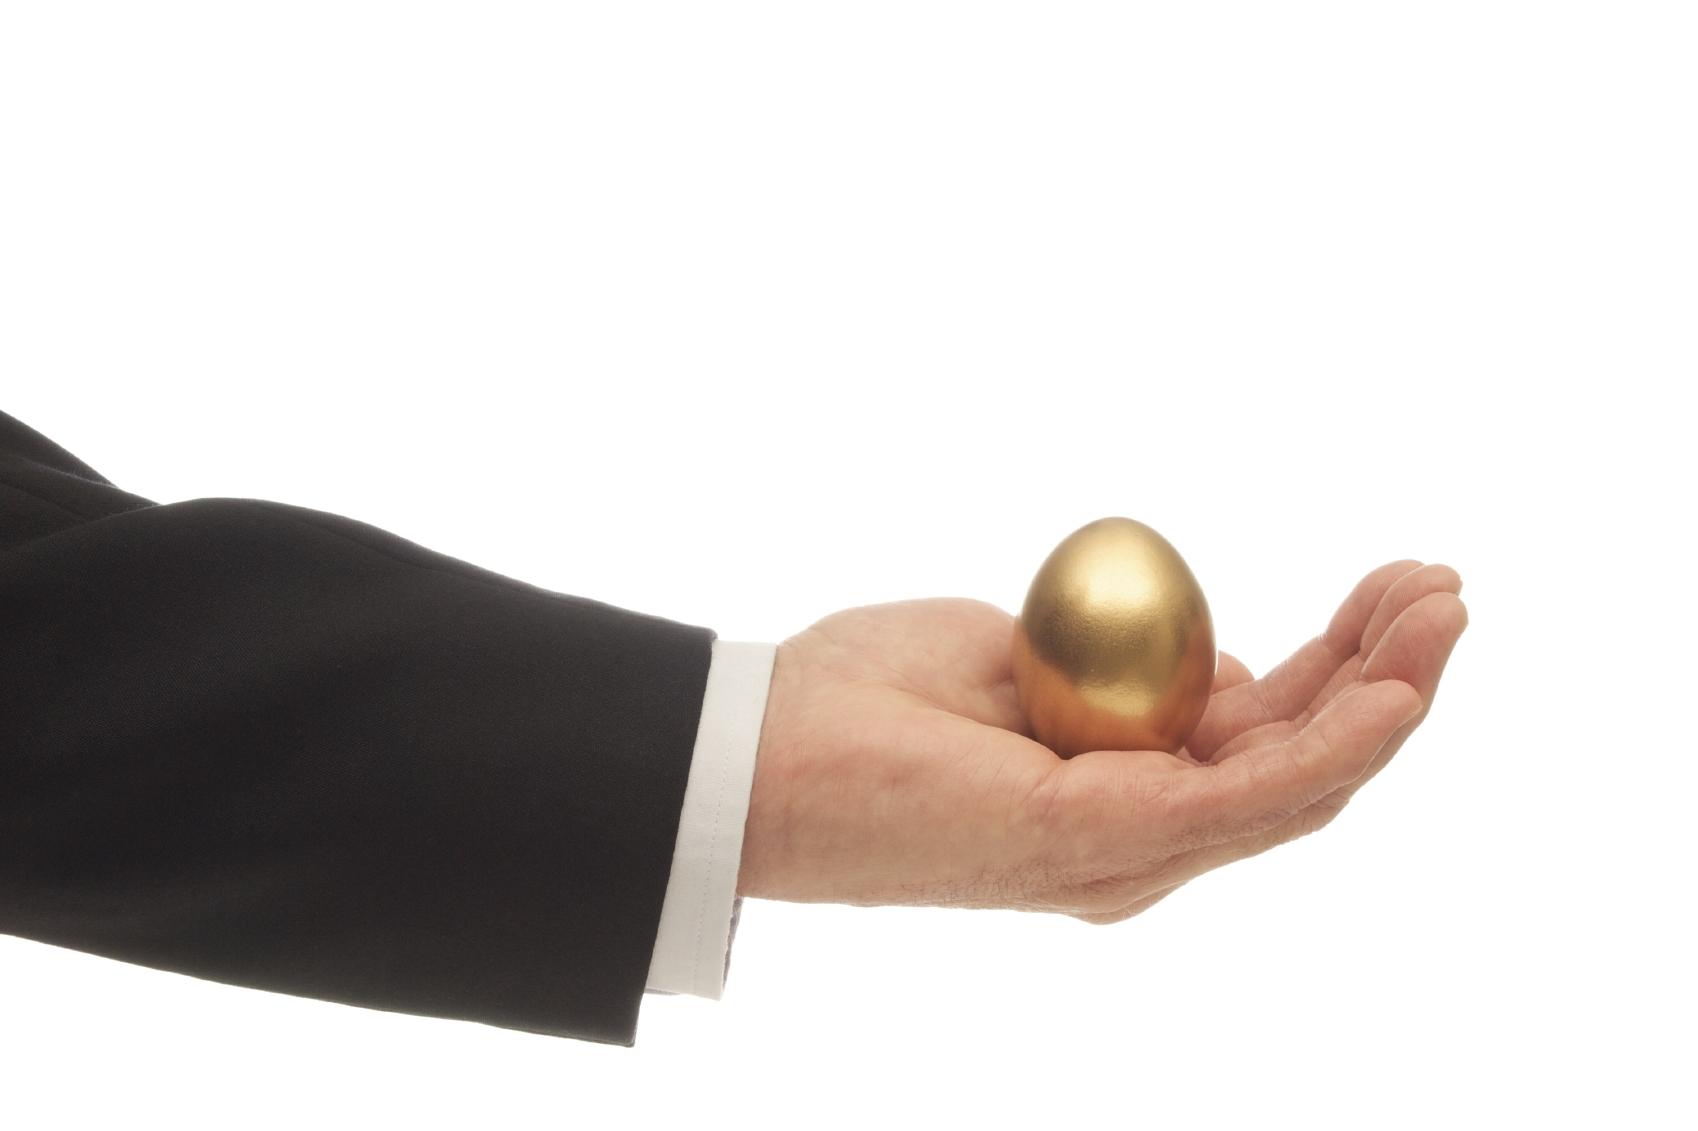 Ha a részvény egy tyúk lenne, akkor a tojásai lennének az osztalékok.